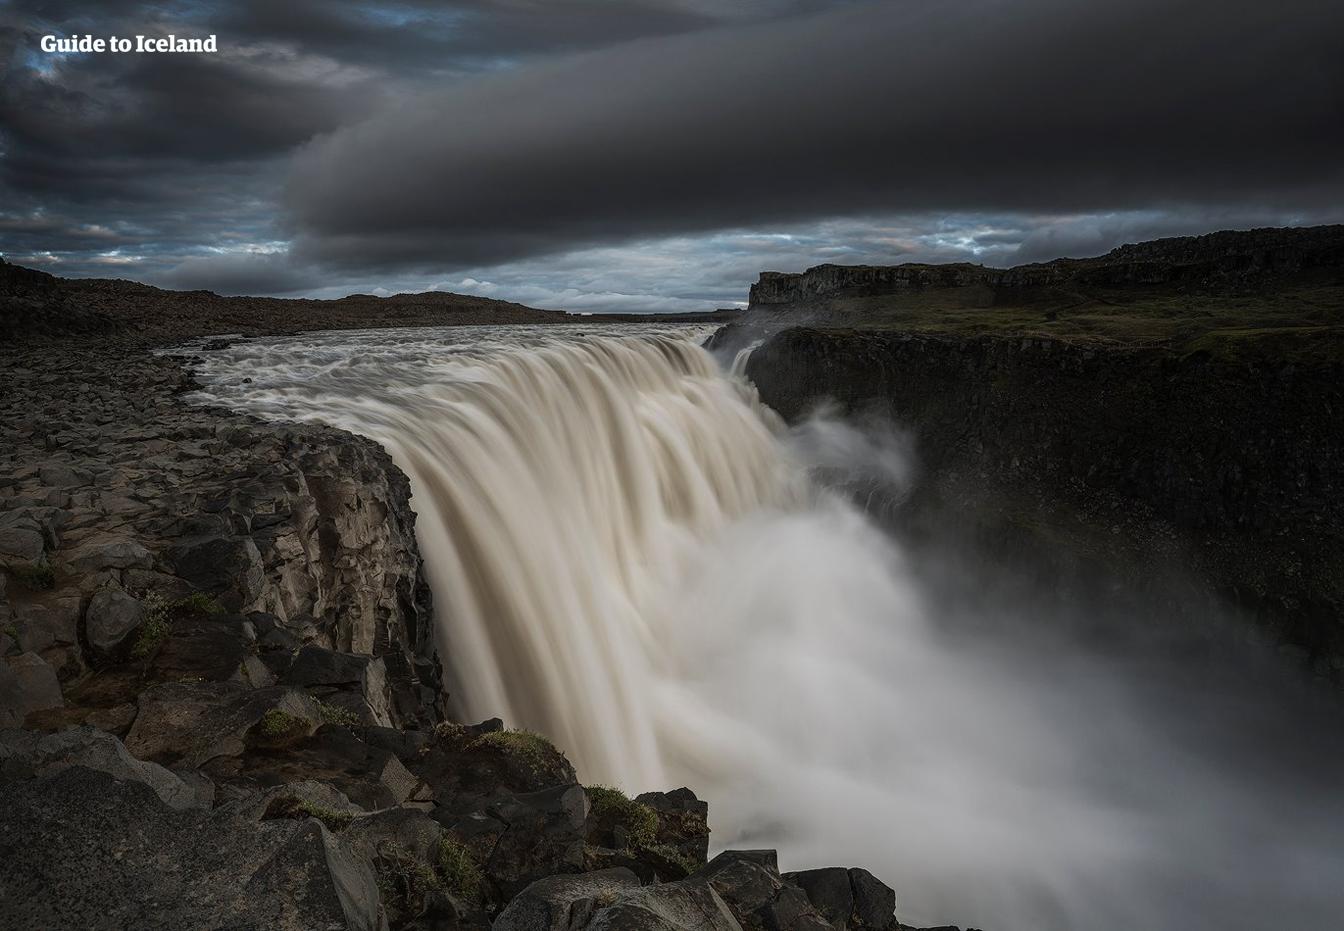 8-dniowa letnia, samodzielna wycieczka po całej obwodnicy Islandii z naciskiem na południowe wybrzeże - day 6